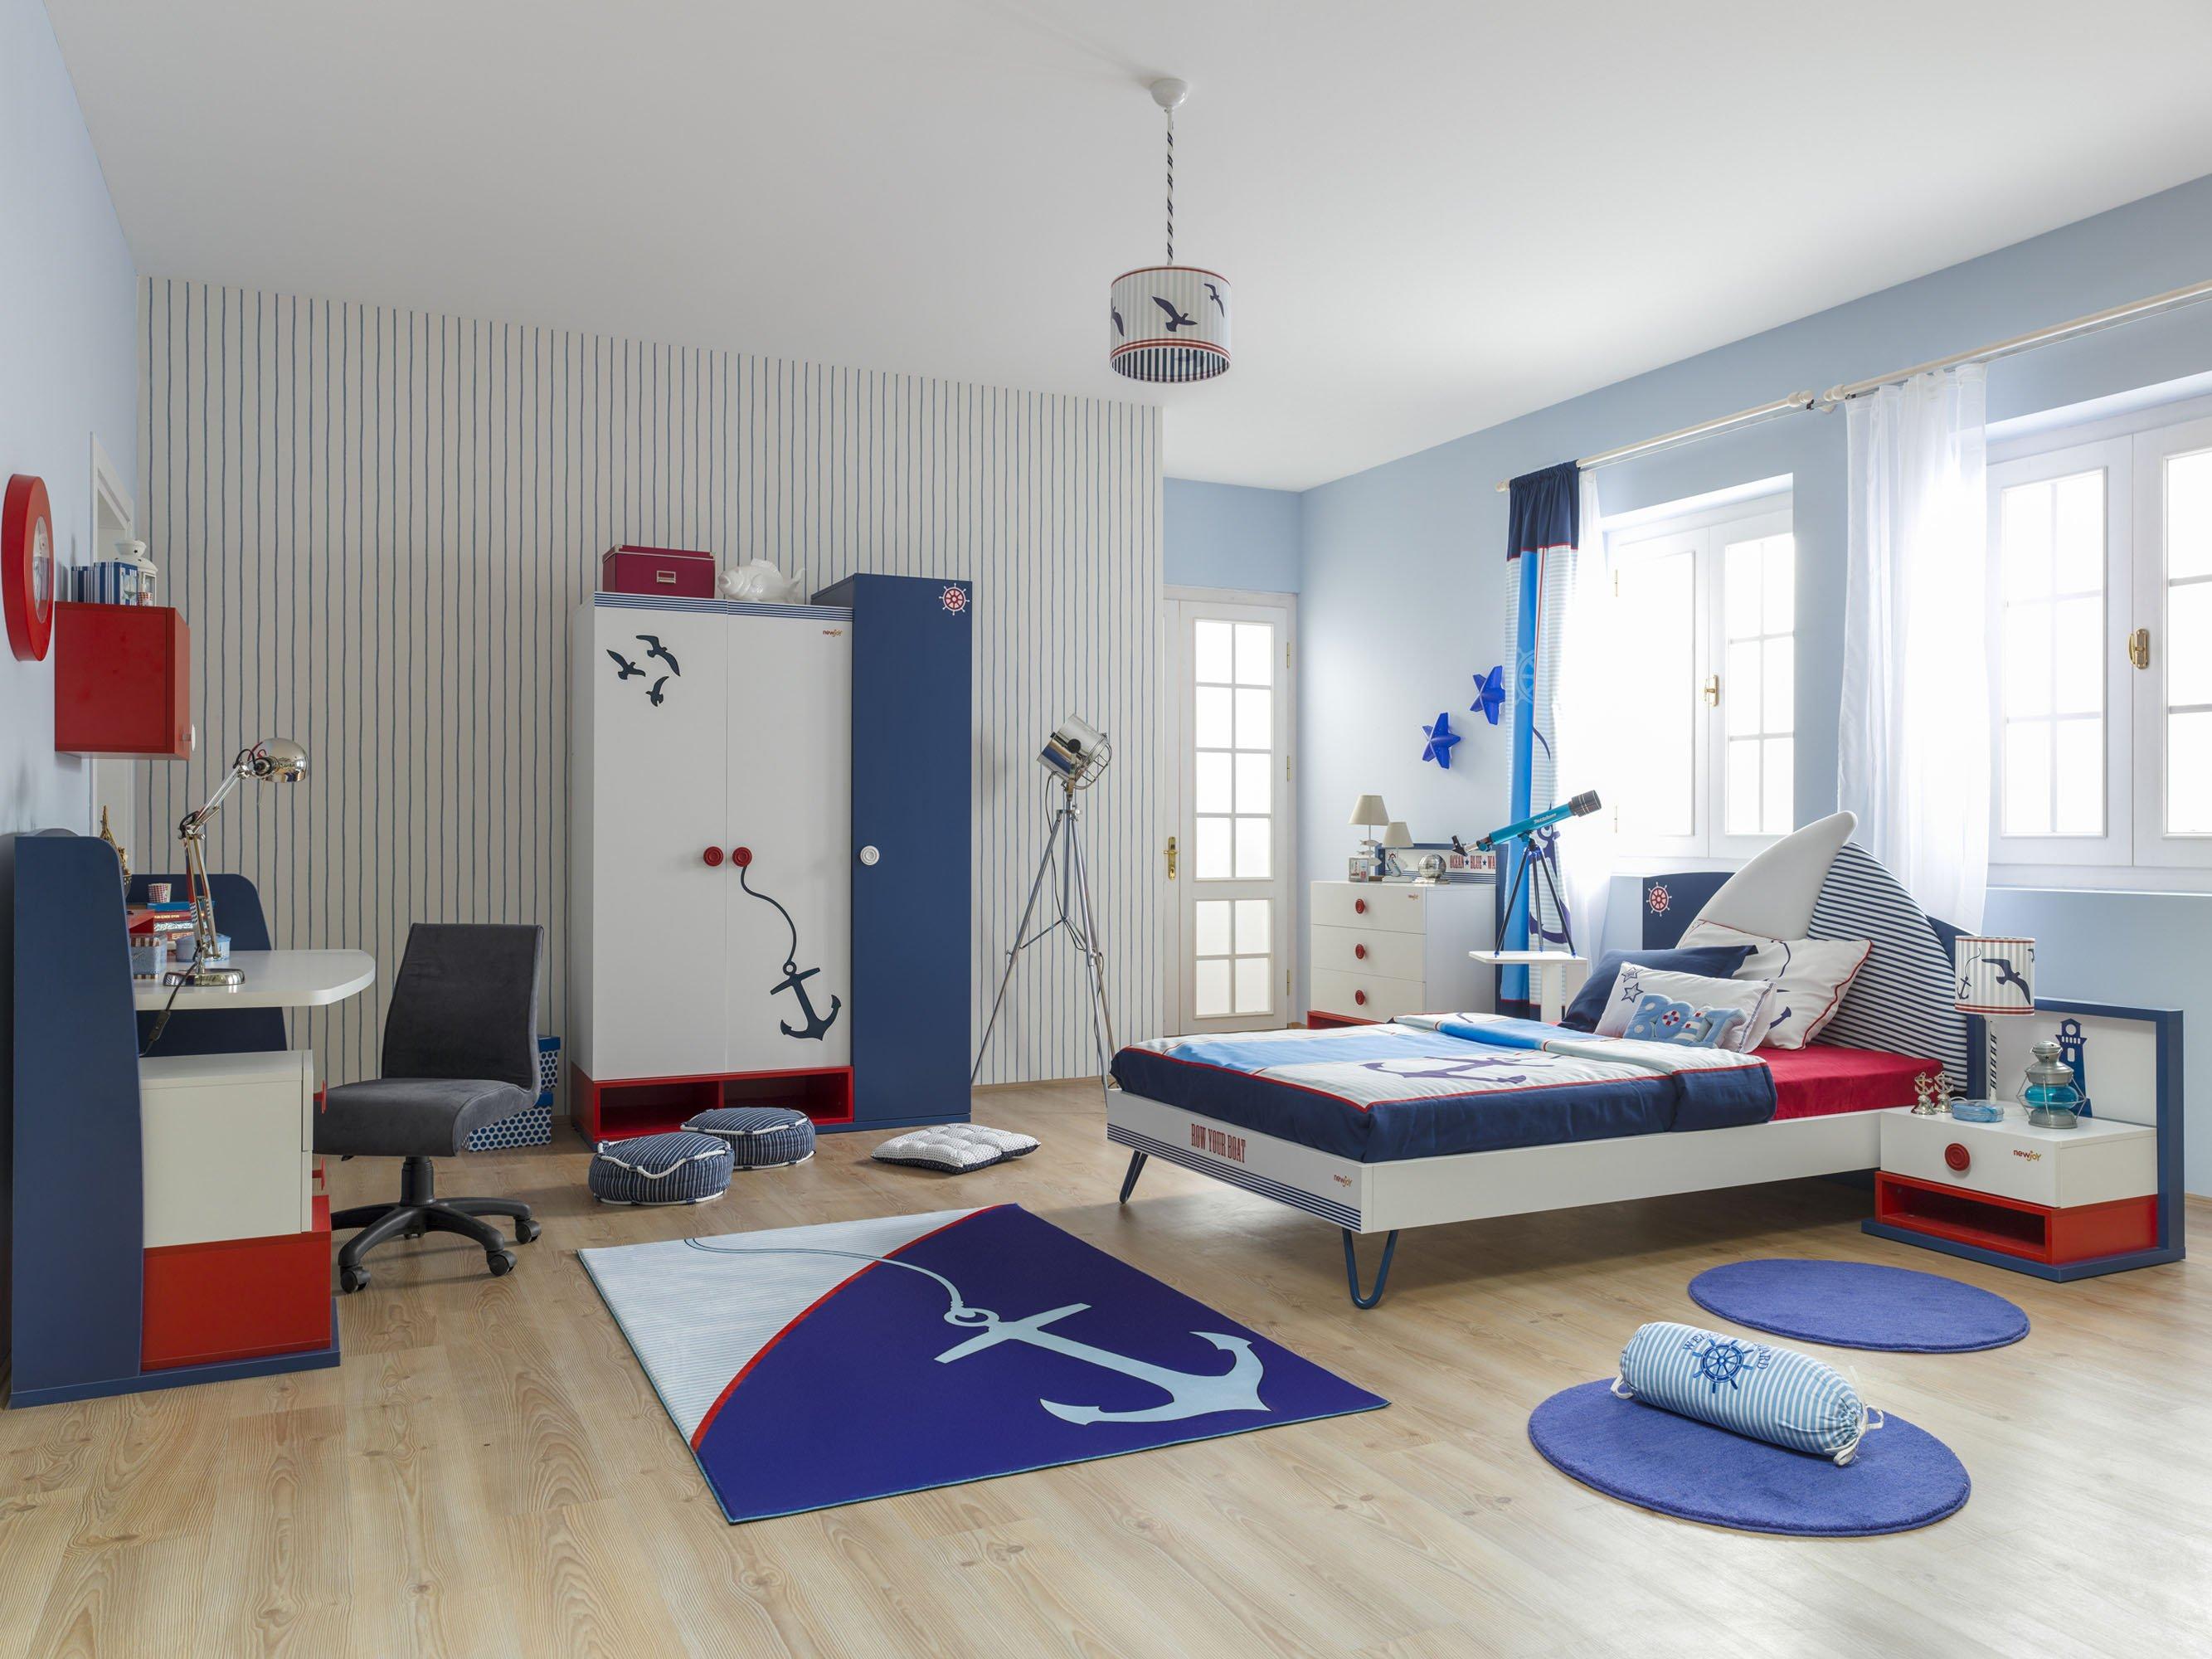 mavi-beyaz-deniz-temali-cocuk-odasi.jpg